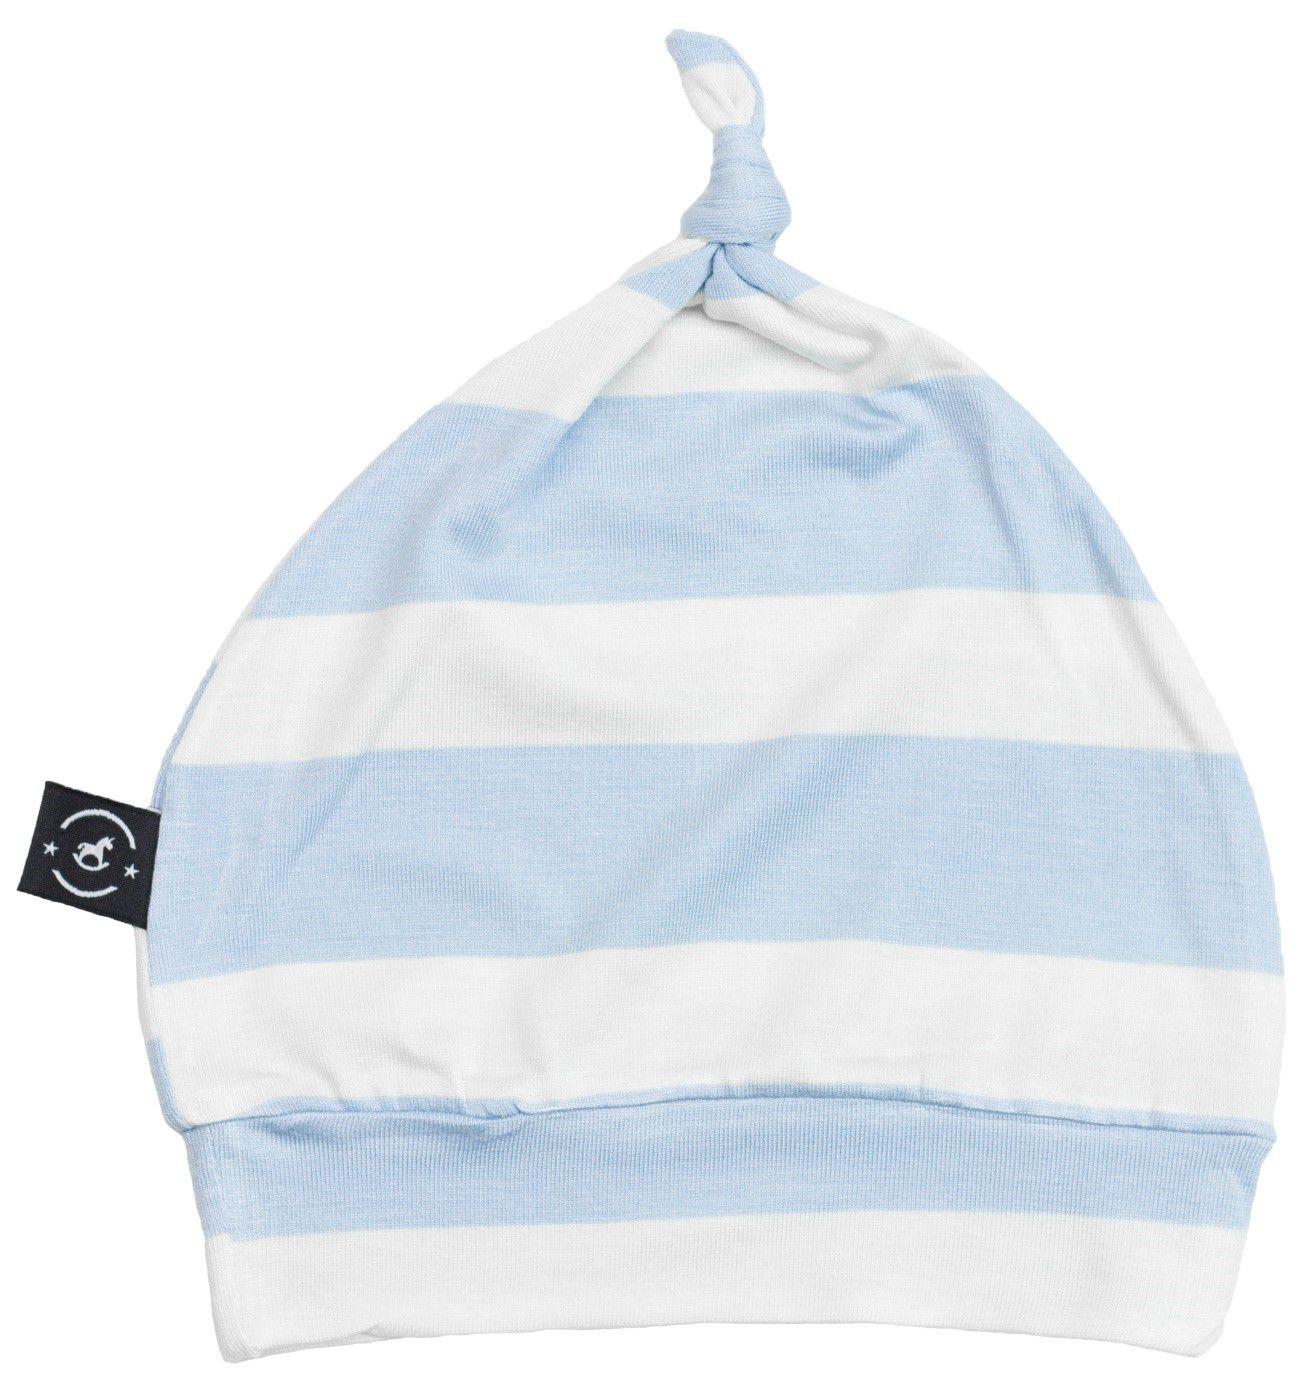 Penka Knot Hat Encantado - Gorrinho Ajustável para Bebê